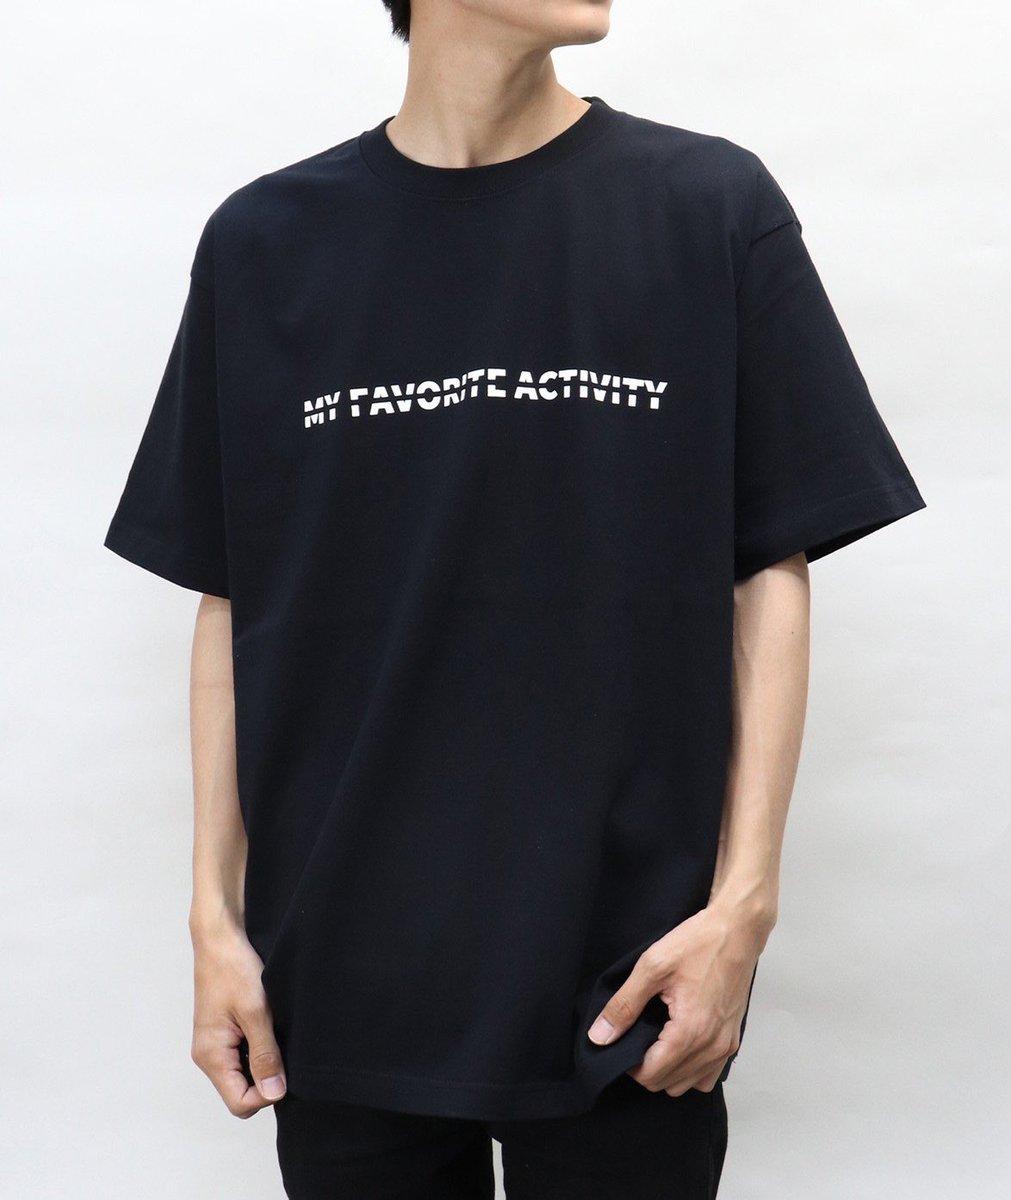 本日19時から小山啓介プロデュースアパレルブランドMY FAVORITE ACTIVITY販売開始となります‼️初回リリース記念で沢山の方に手に取って頂けたらと思い、2月中はTシャツが11%offでご購入頂ける様にしました!是非皆様よろしくお願い致します🔥▼インスタアカウント